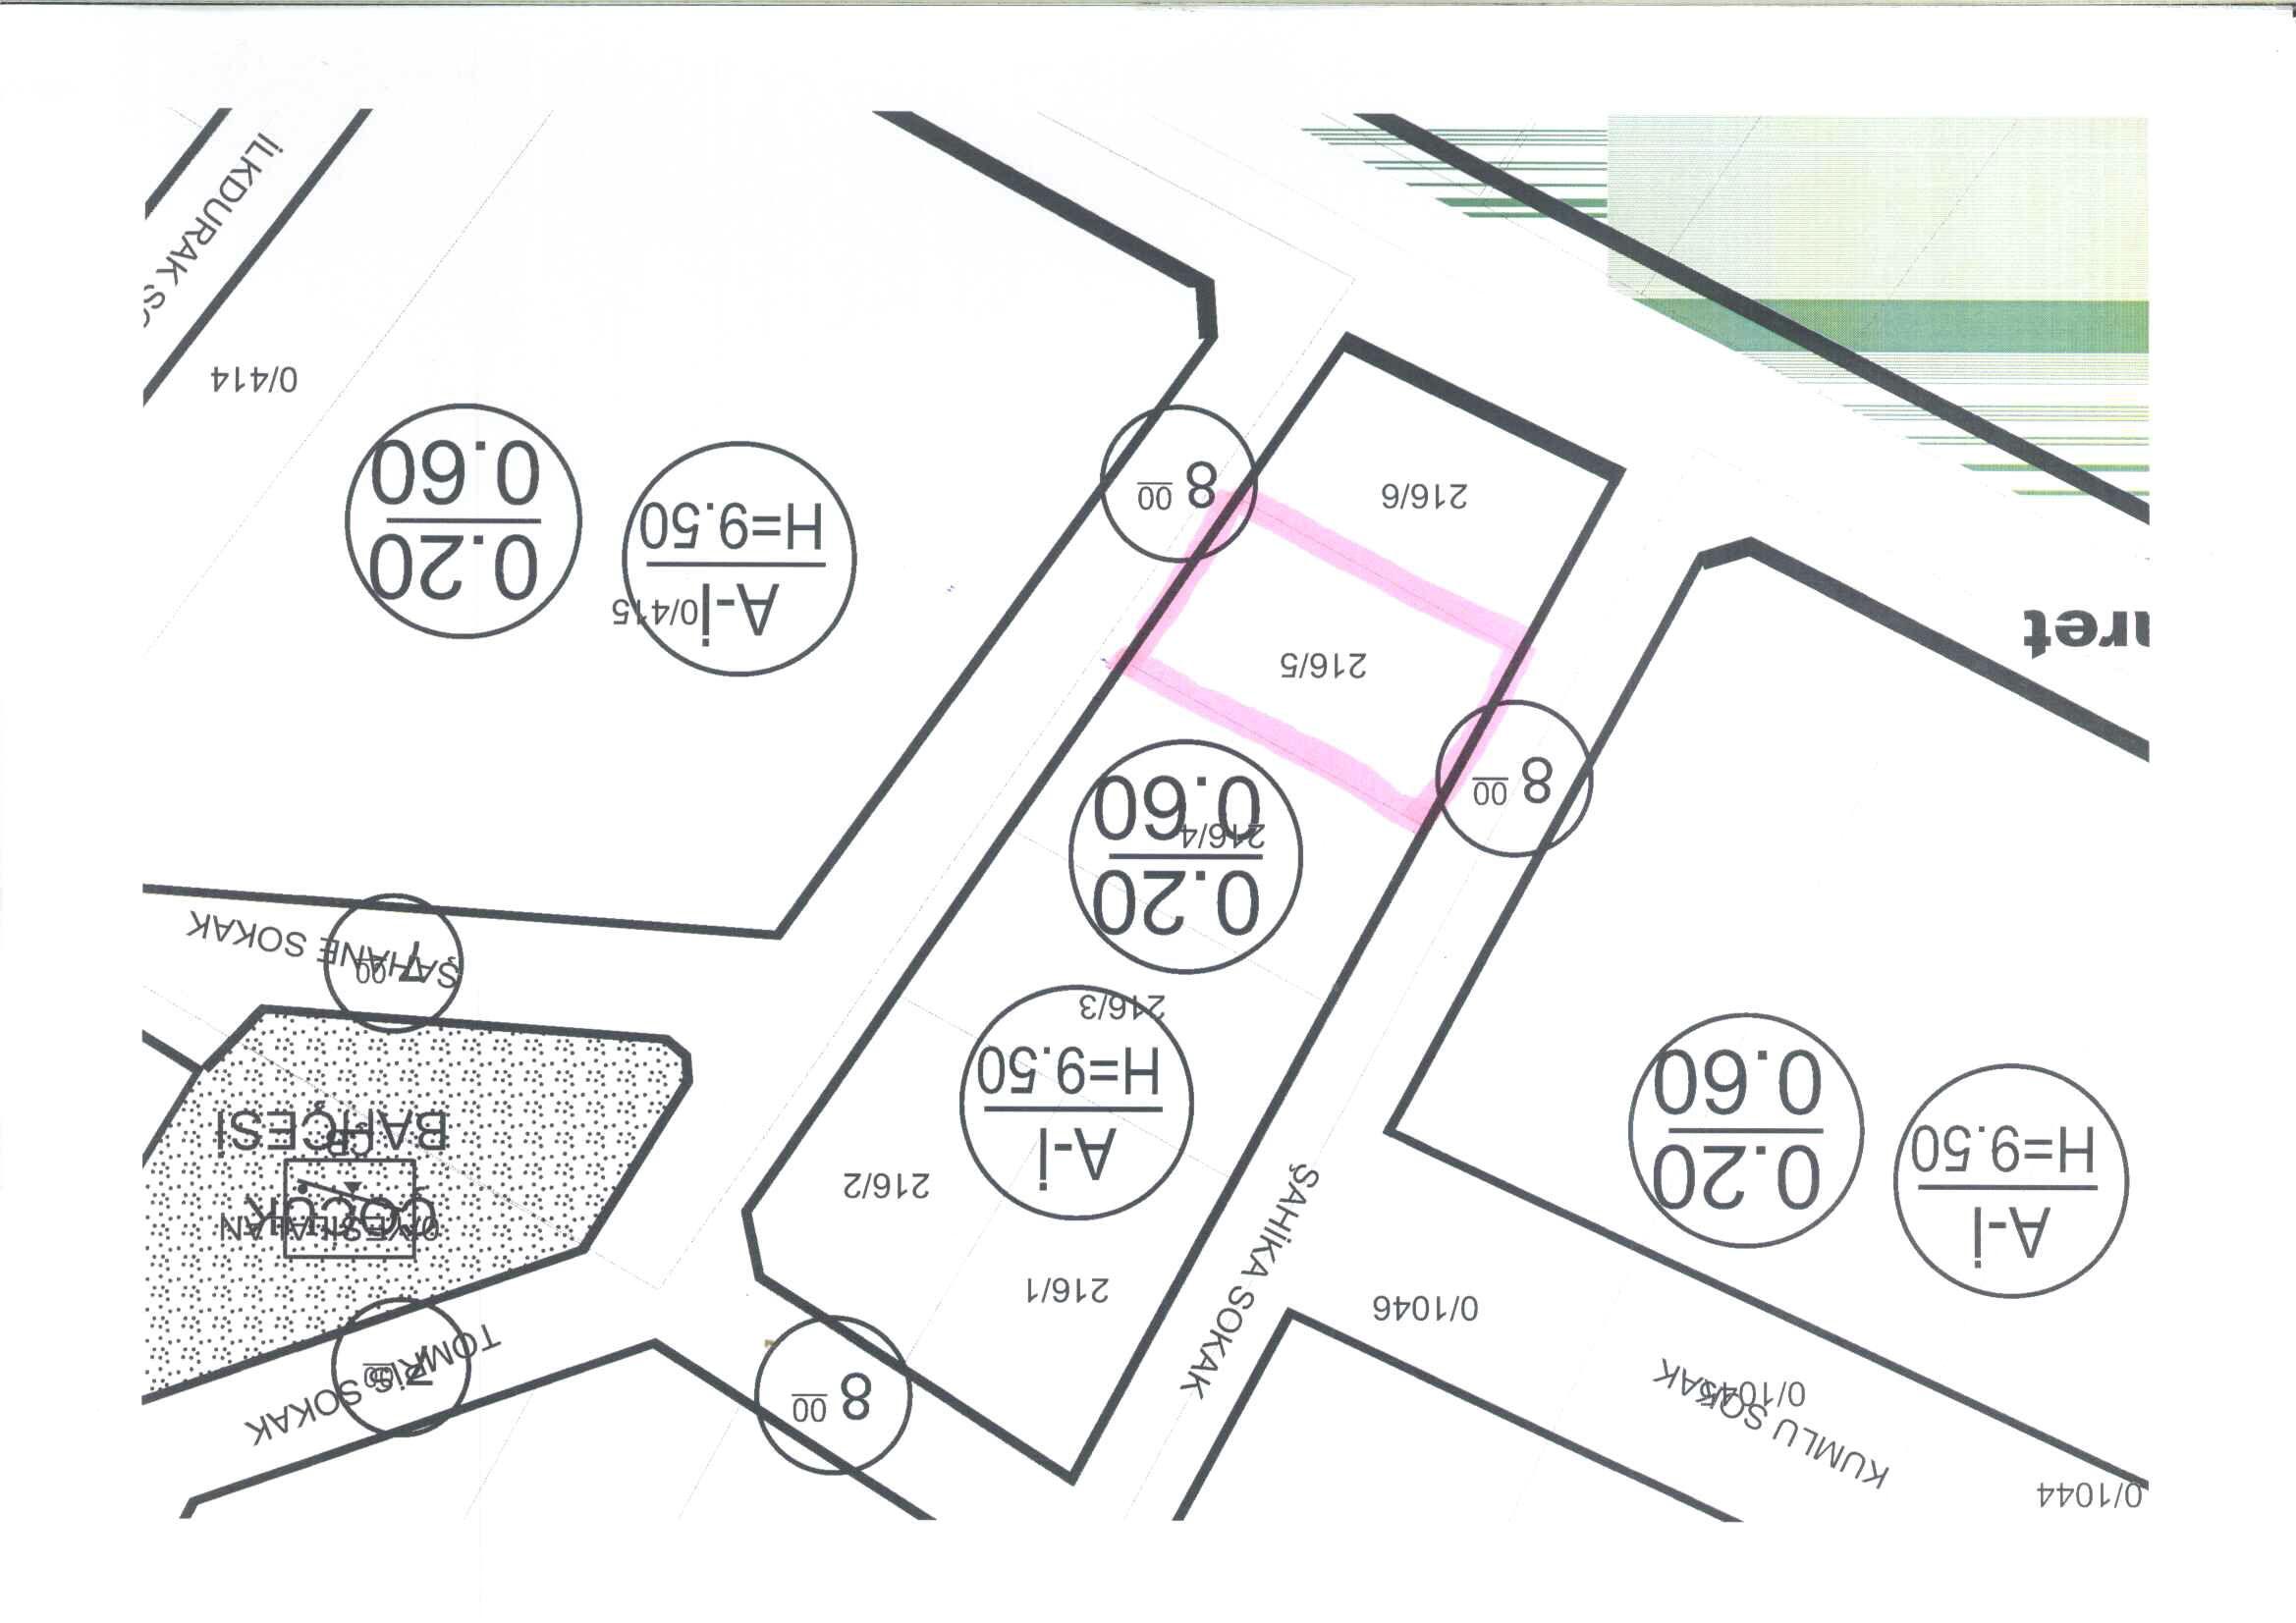 KUMBURGAZ DA 400-415 M² SATILIK 3 KAT KONUT İMARLI ARSA /800000TL